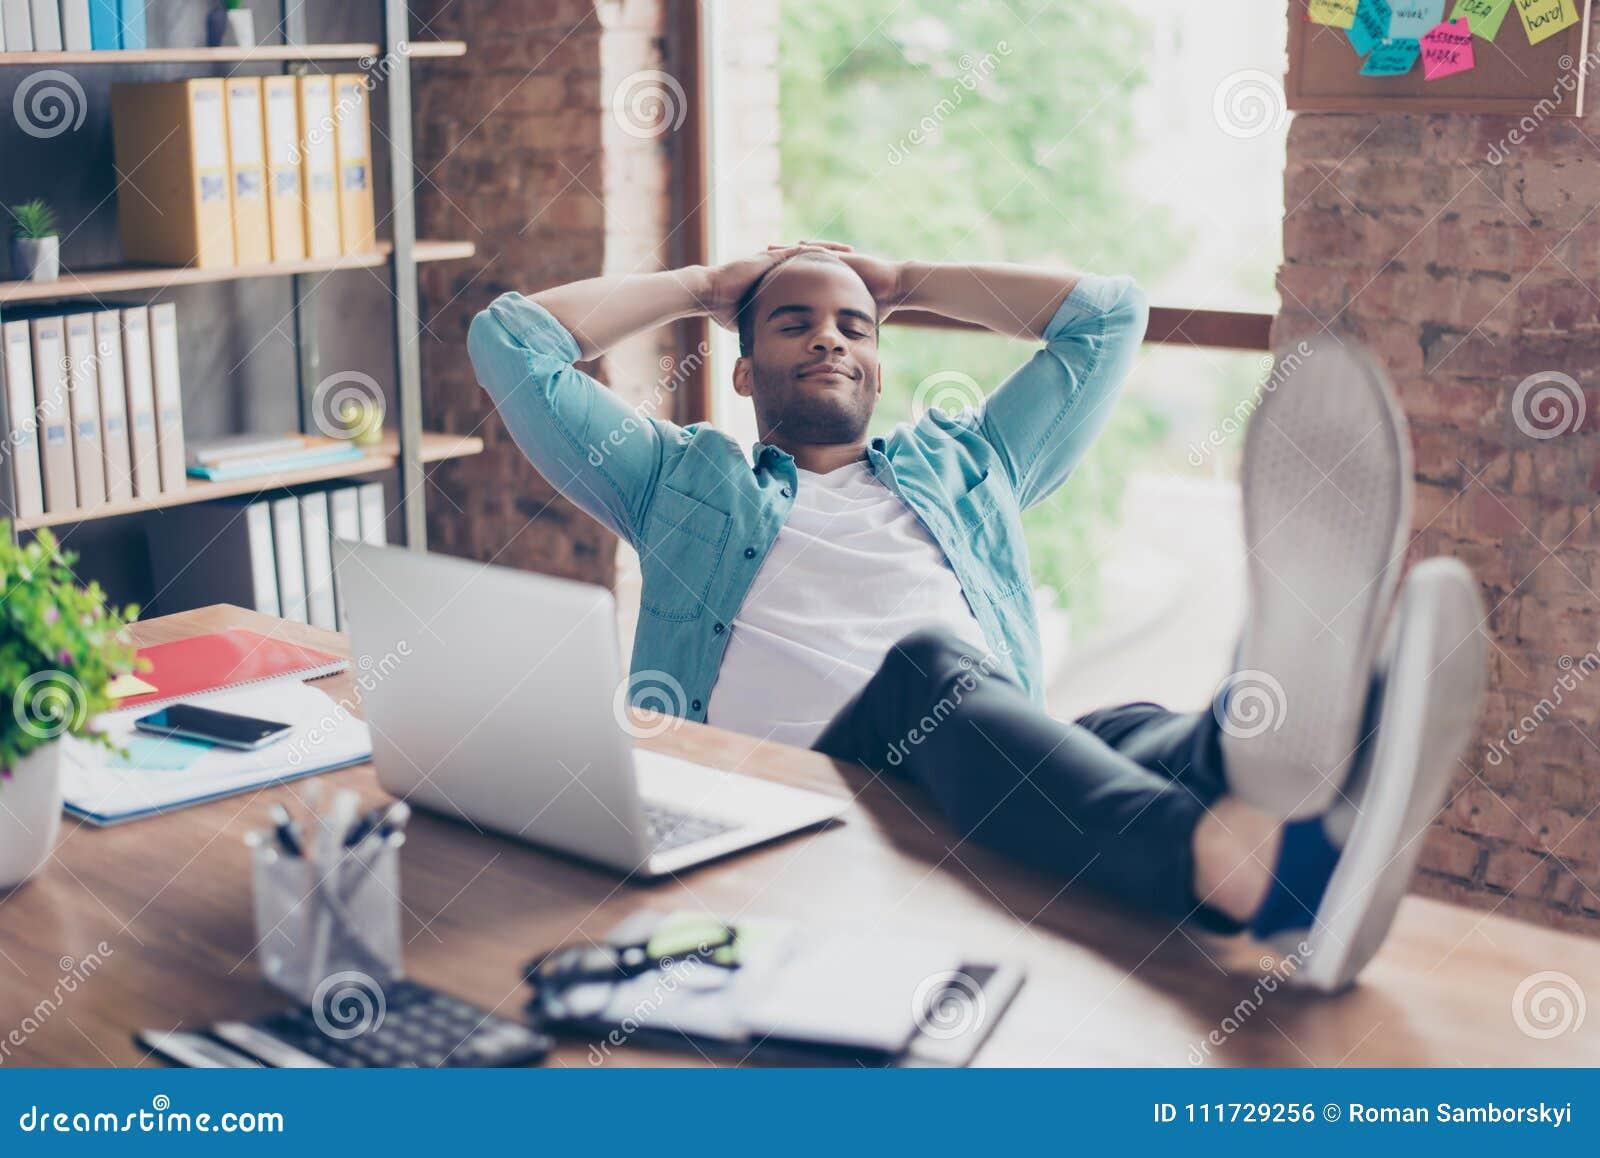 El freelancer afro alegre joven está descansando en un lugar de trabajo, con los pies encima del escritorio, con los ojos cerrado